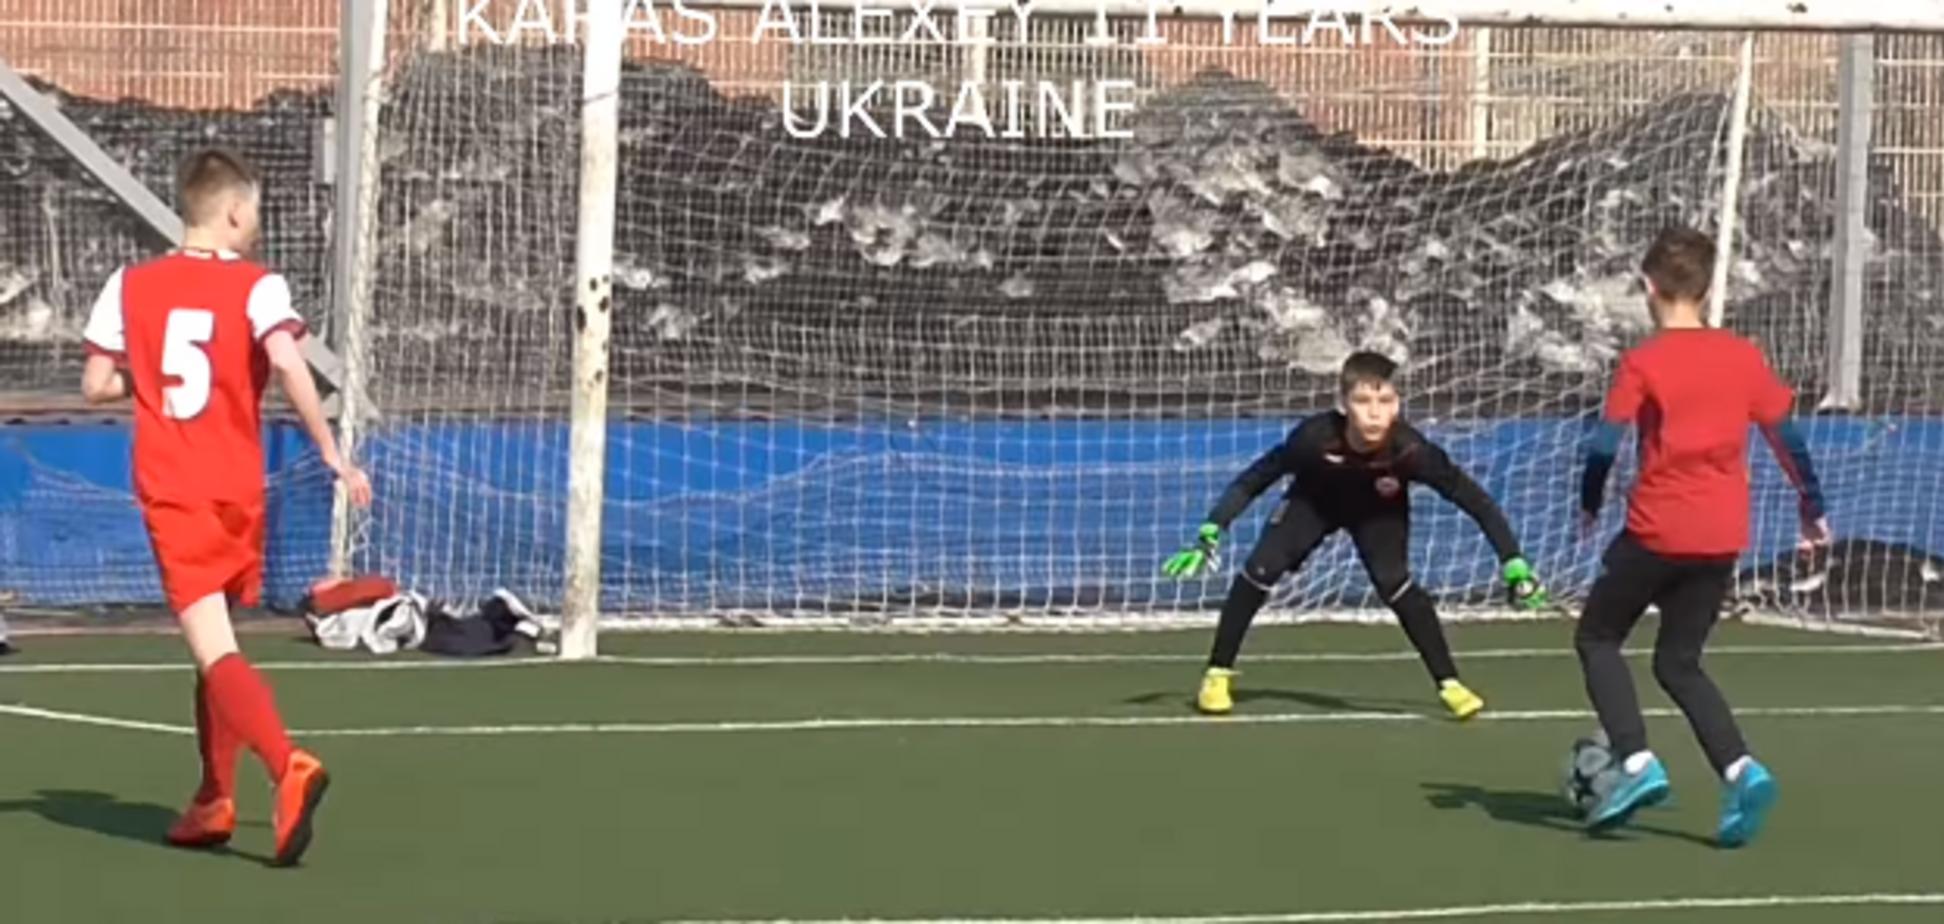 'Украинский Месси' забил гол-шедевр 'подсечкой'